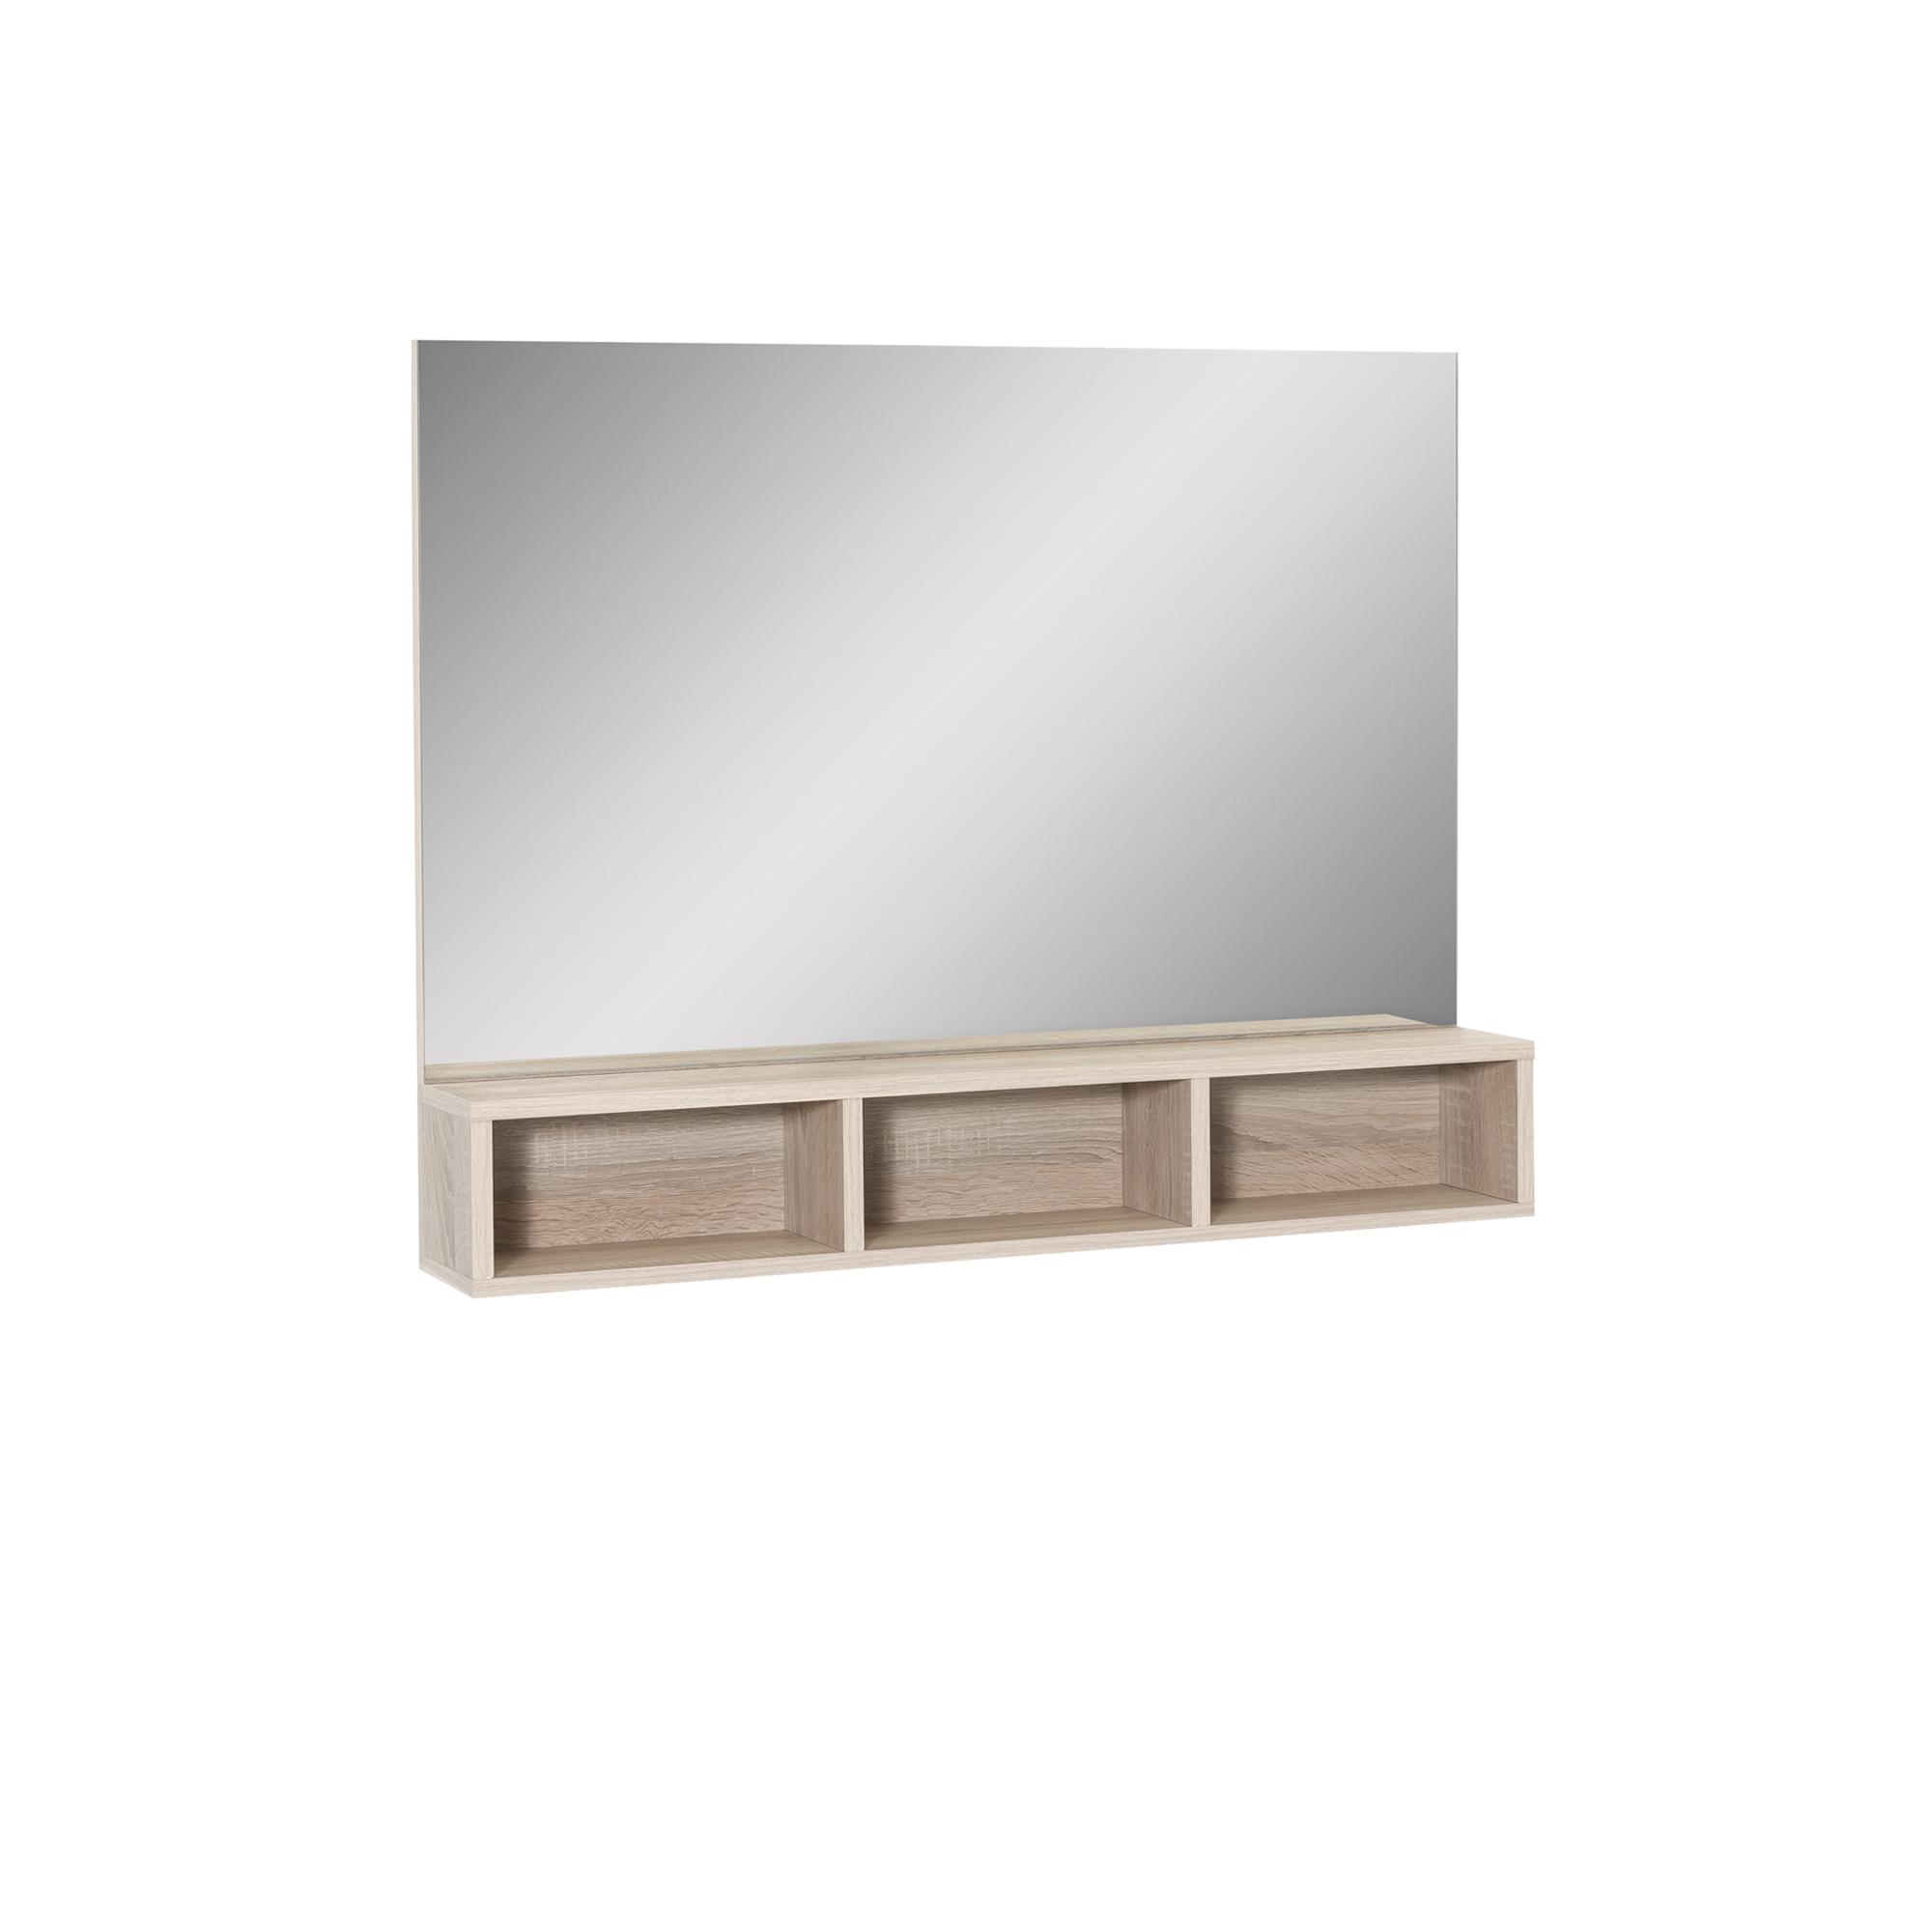 spiegel mia mit 3 f chern 85 cm breit eiche sonoma wohnen spiegel. Black Bedroom Furniture Sets. Home Design Ideas